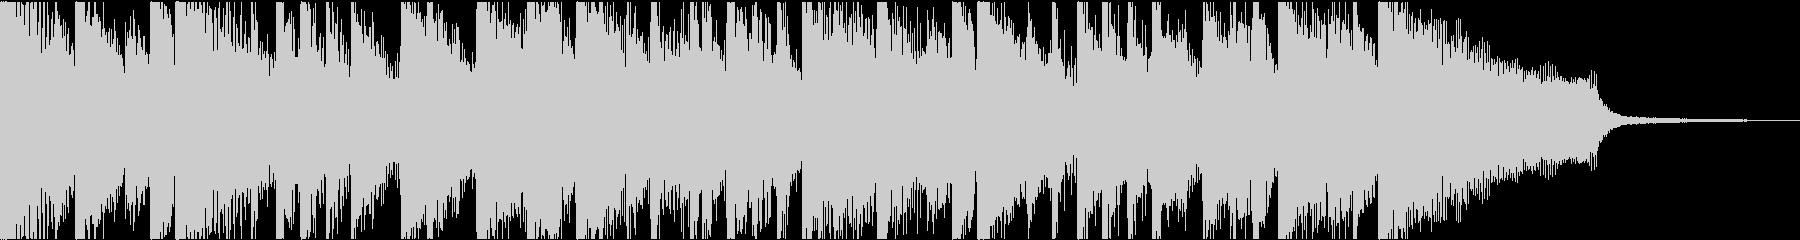 ニュース番組やCMにピッタリなピアノ曲の未再生の波形